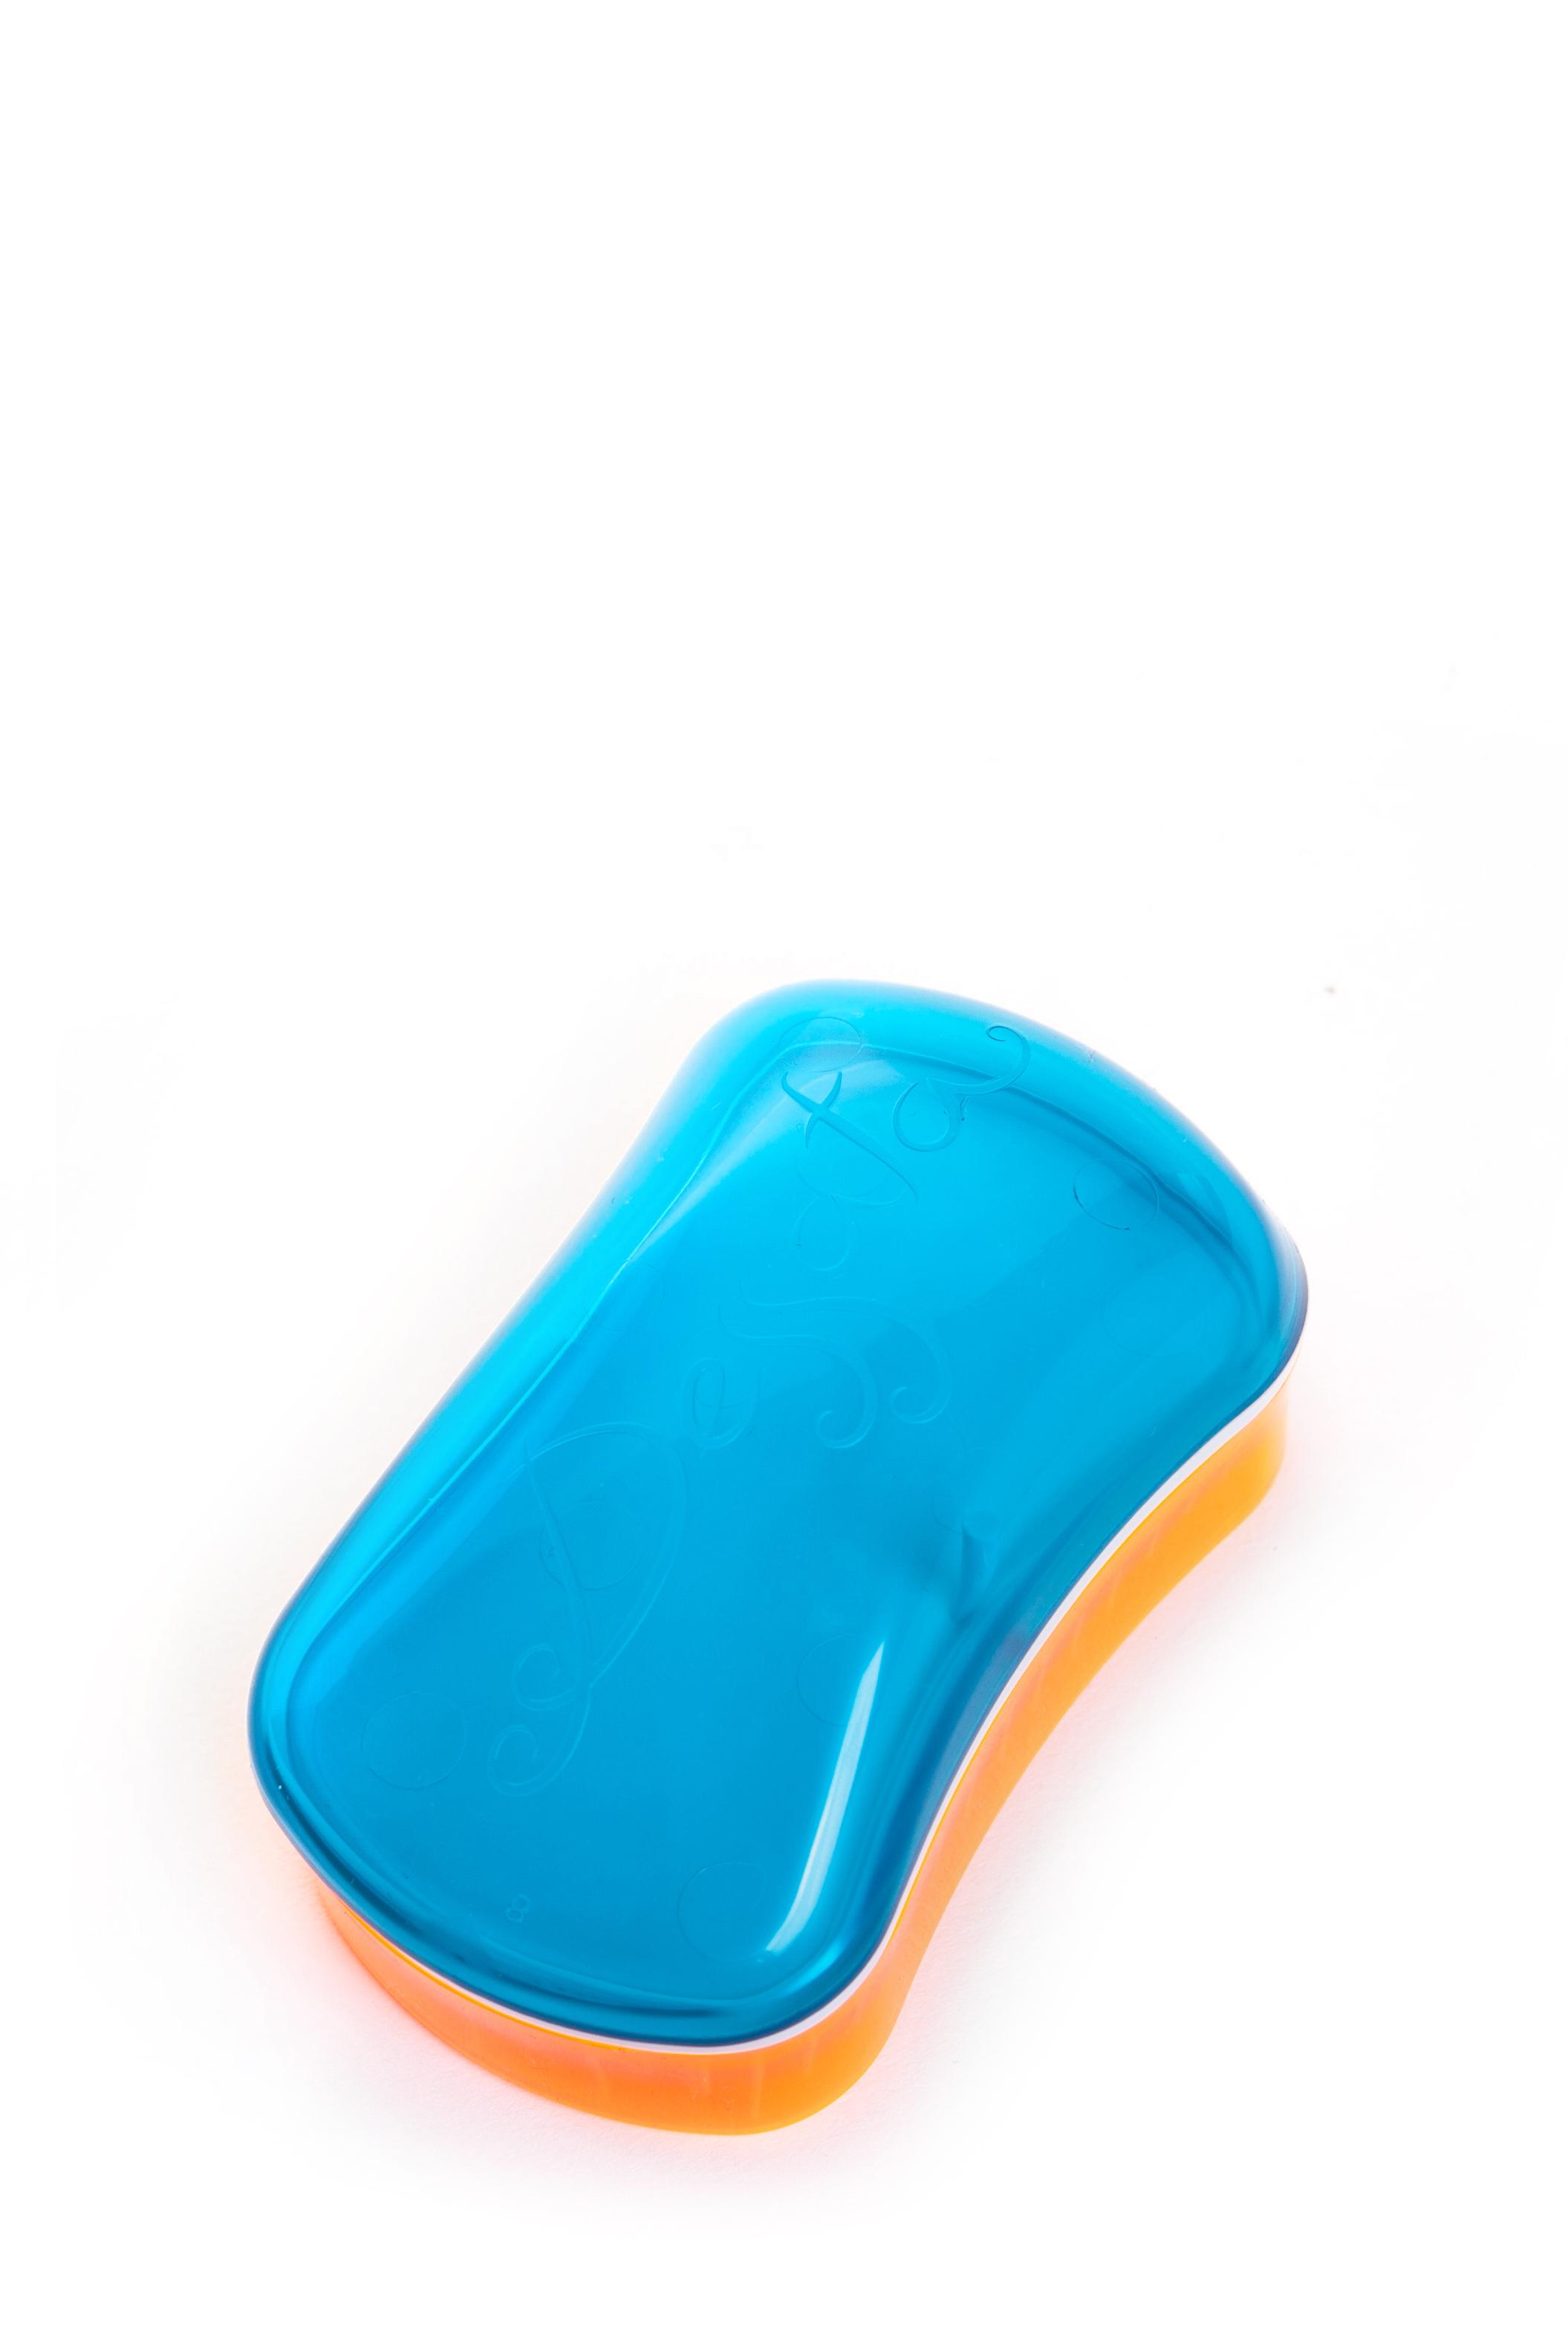 DESSATA Расческа для волос Dessata Mini Summer Turquoise-Tangerine; с ароматом кокоса, Бирюза-МандаринРасчески<br>Расческа Dessata mini с ароматом кокоса быстро распутает волосы, нет необходимости использовать дополнительные средства. Не тянет и не рвет волосы. Подходит для всех типов волос: тонких, густых и вьющихся. 237 зубчика имеют три уровня высоты, что позволяет лучше прочесывать волосы, а если возникает натяжение, они легко сгибаются. Эргономичный дизайн расчески без ручки, позволяет удобно разместить ее в руке, ее форма повторяет форму головы. Благодаря соему идеальному размеру расческу можно везде носить с собой. Материал: гипоаллергенный пластик.<br><br>Типы волос: Для всех типов